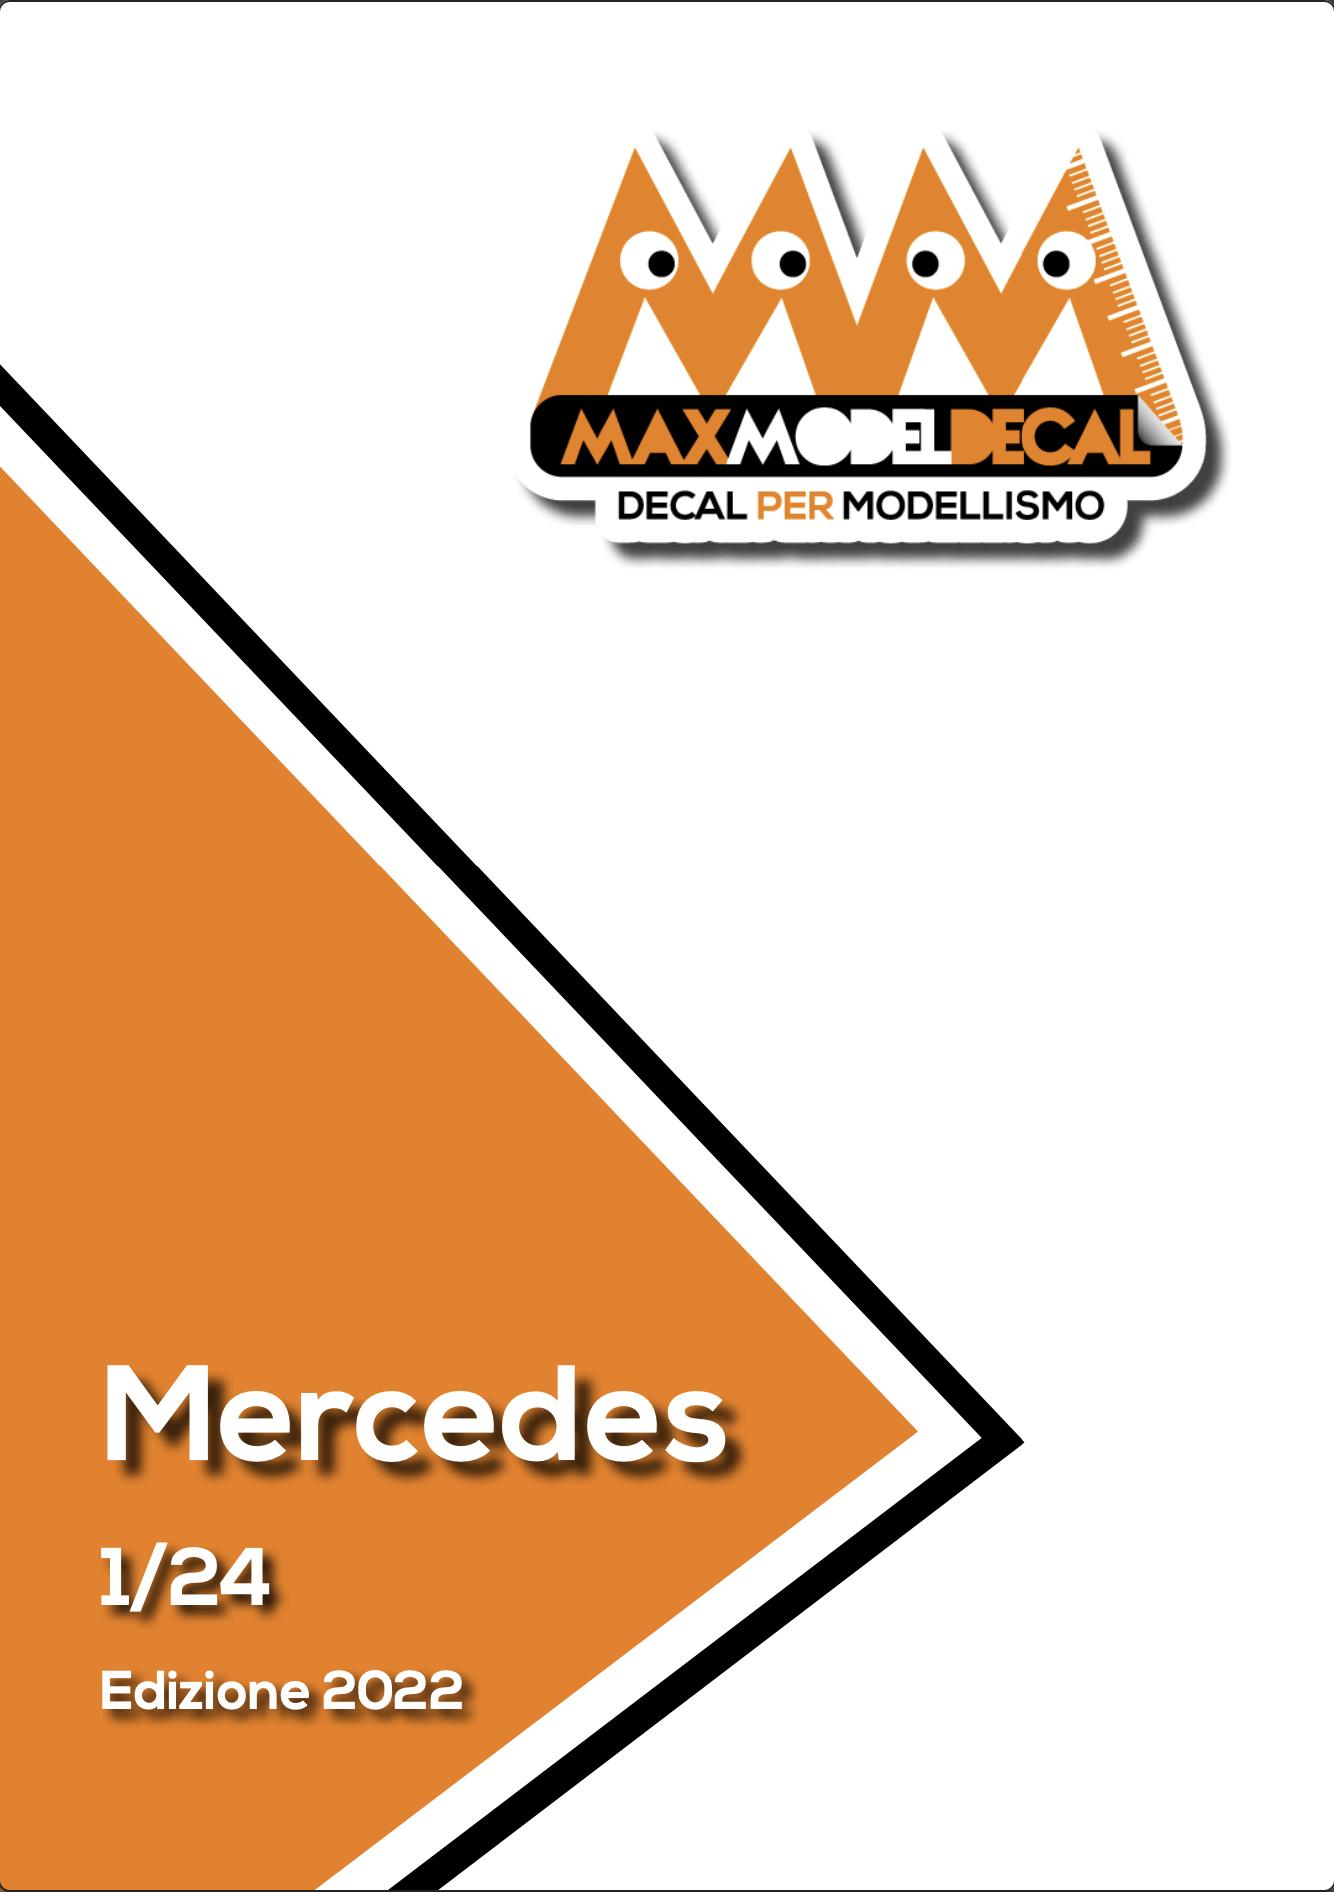 Mercedes_24_2021.png